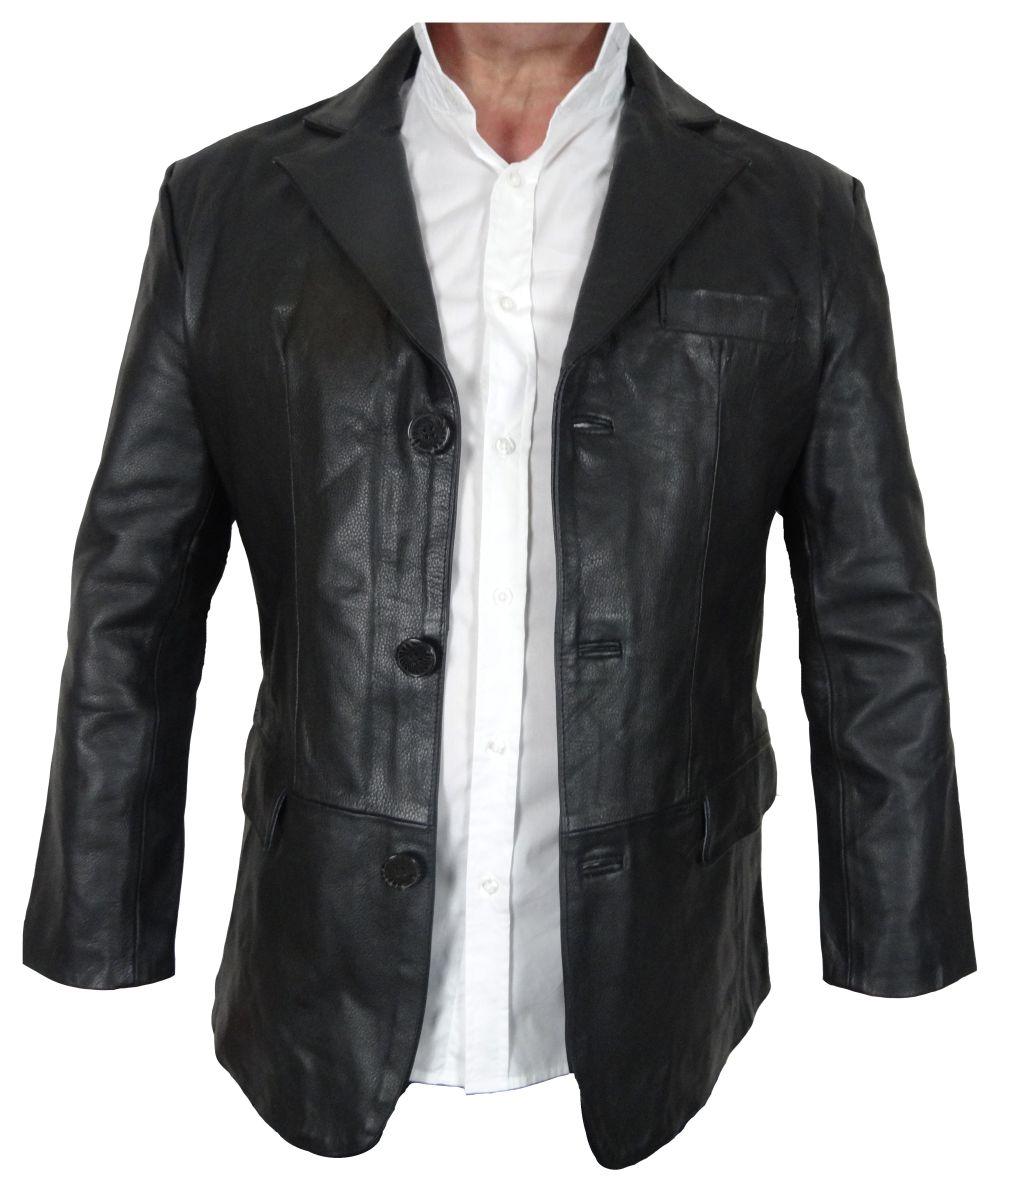 bangla herren leder jacke blazer lederjacke sakko schwarz m 6 xl. Black Bedroom Furniture Sets. Home Design Ideas